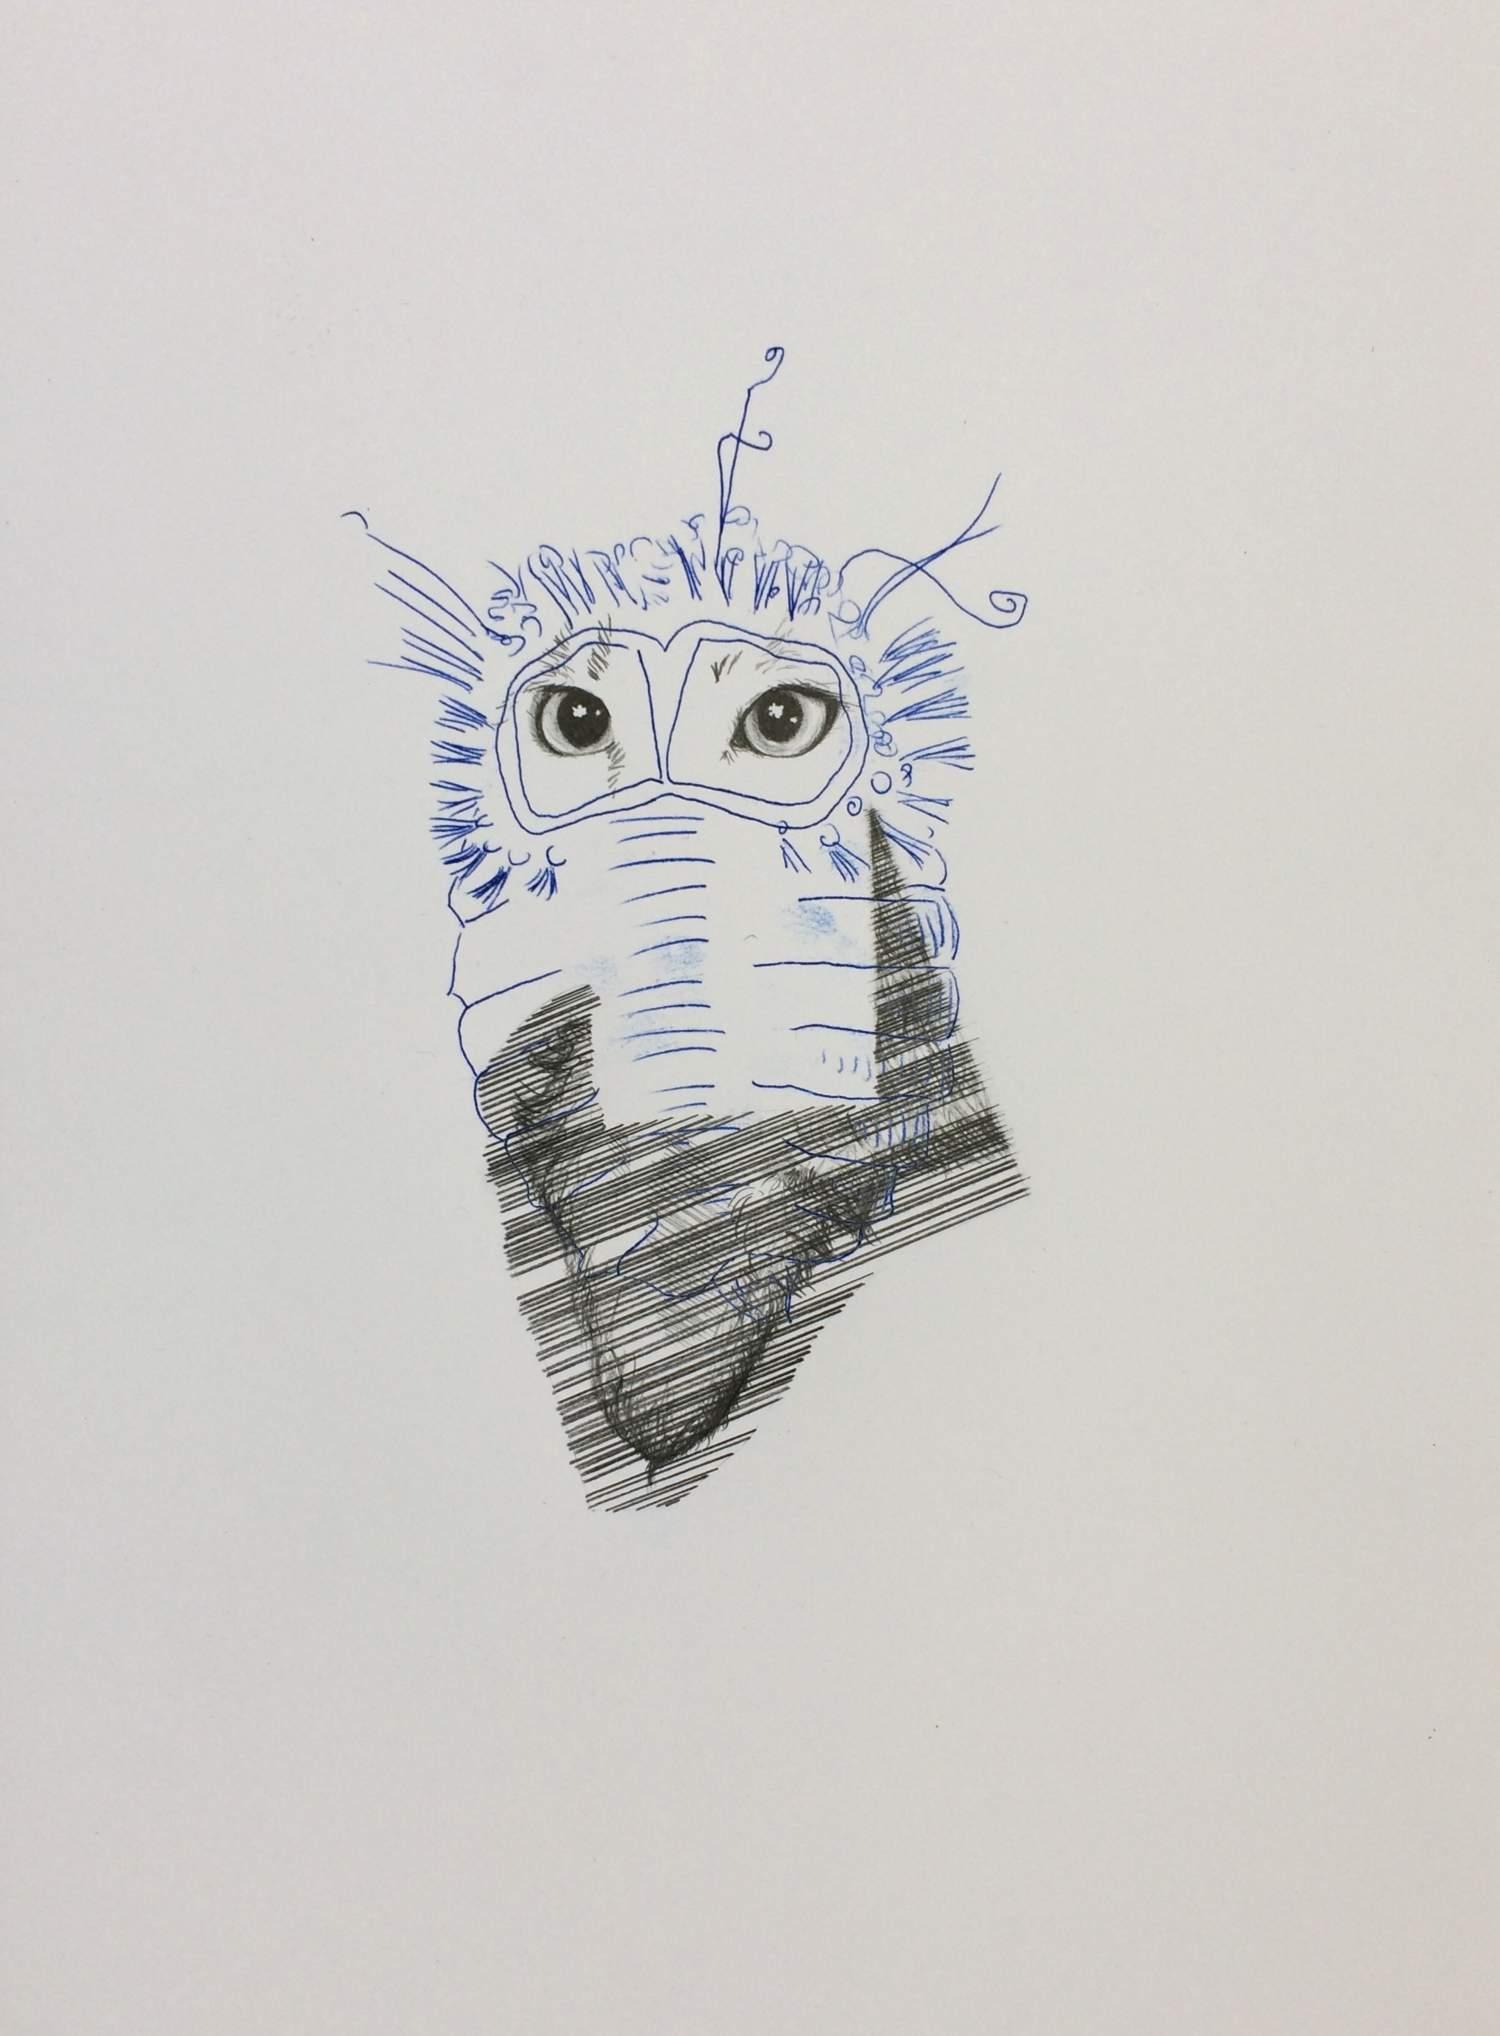 06#2019, Graphit und Intercopy auf Papier, 40 x 30 cm